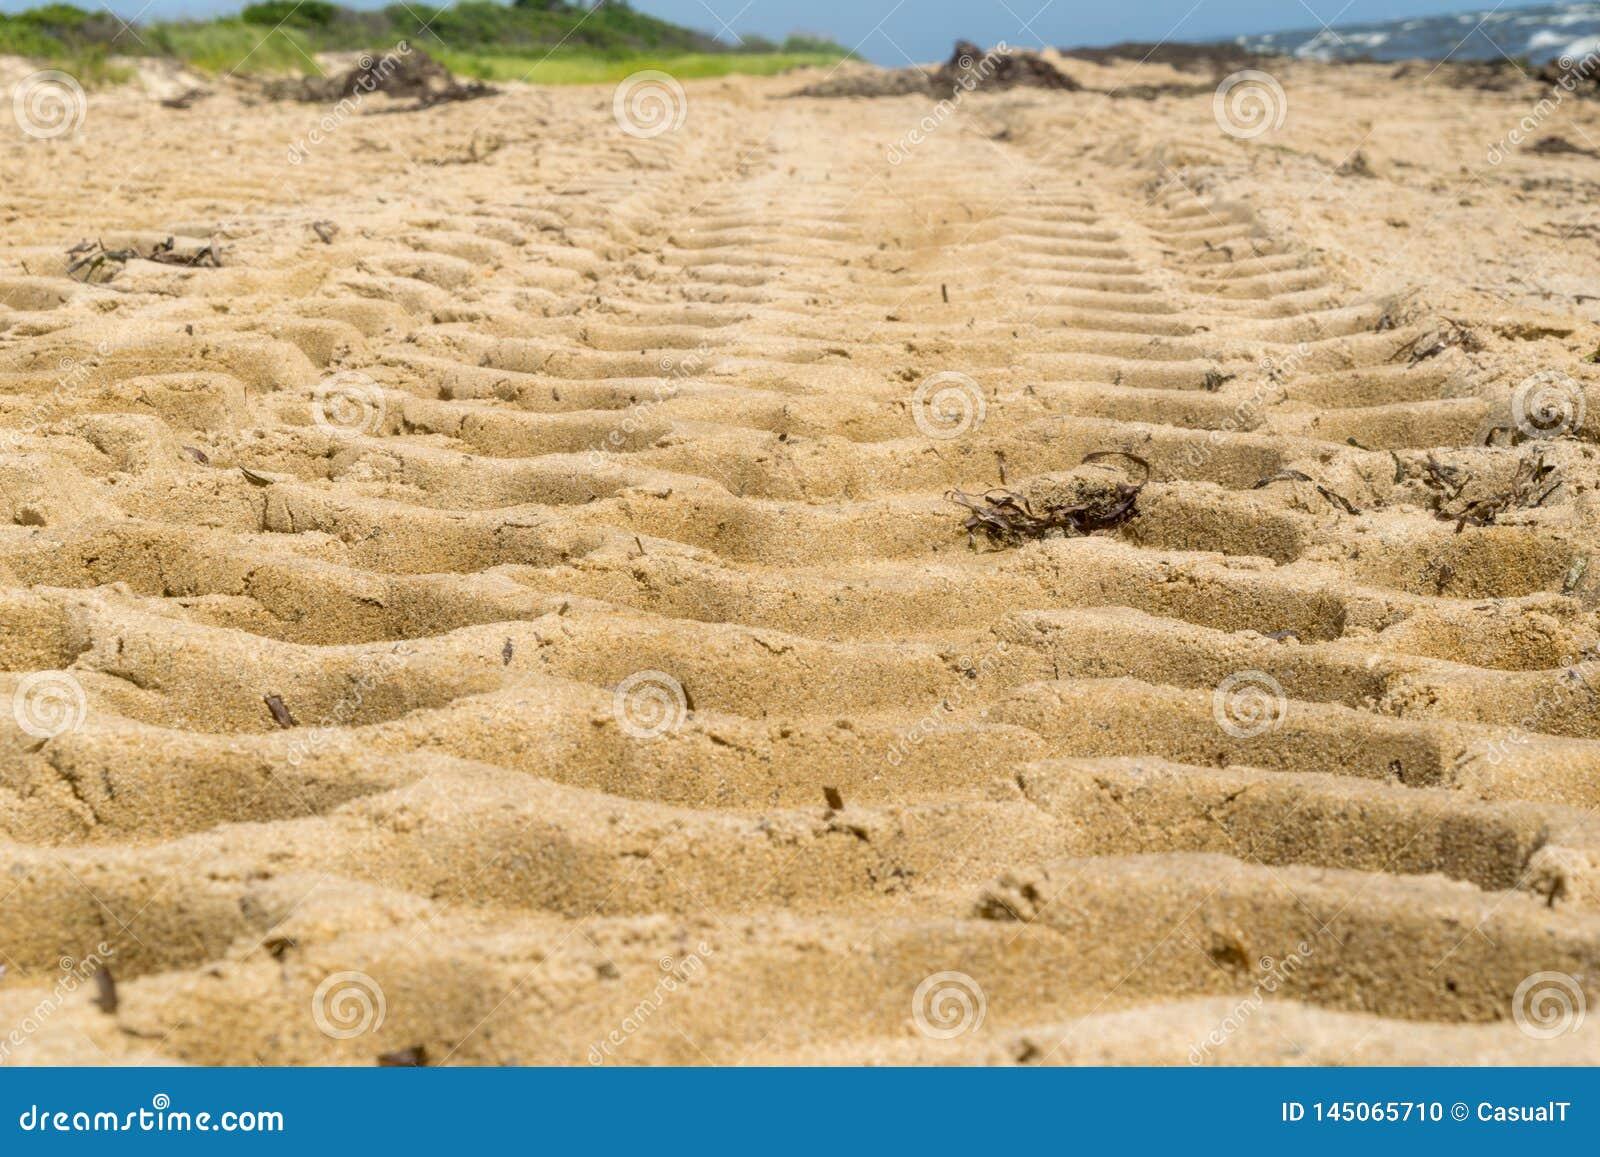 Reifenbahnen bilden ein Muster auf einem sandigen Strand